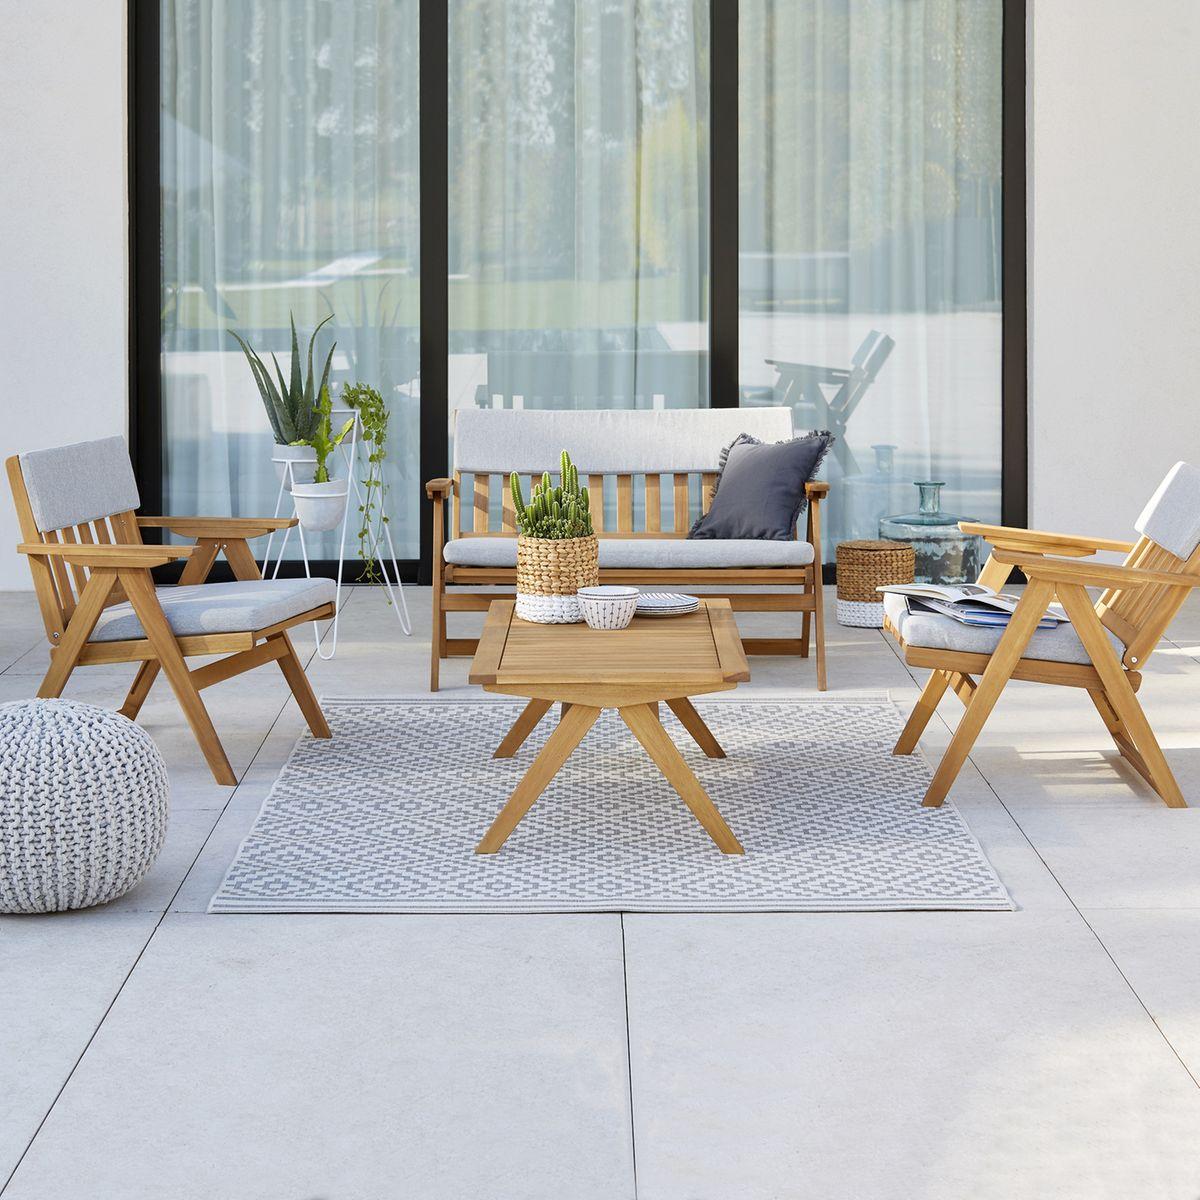 salon de jardin table basse bois rectangle chaise canapé coussin gris clemaroundthecorner